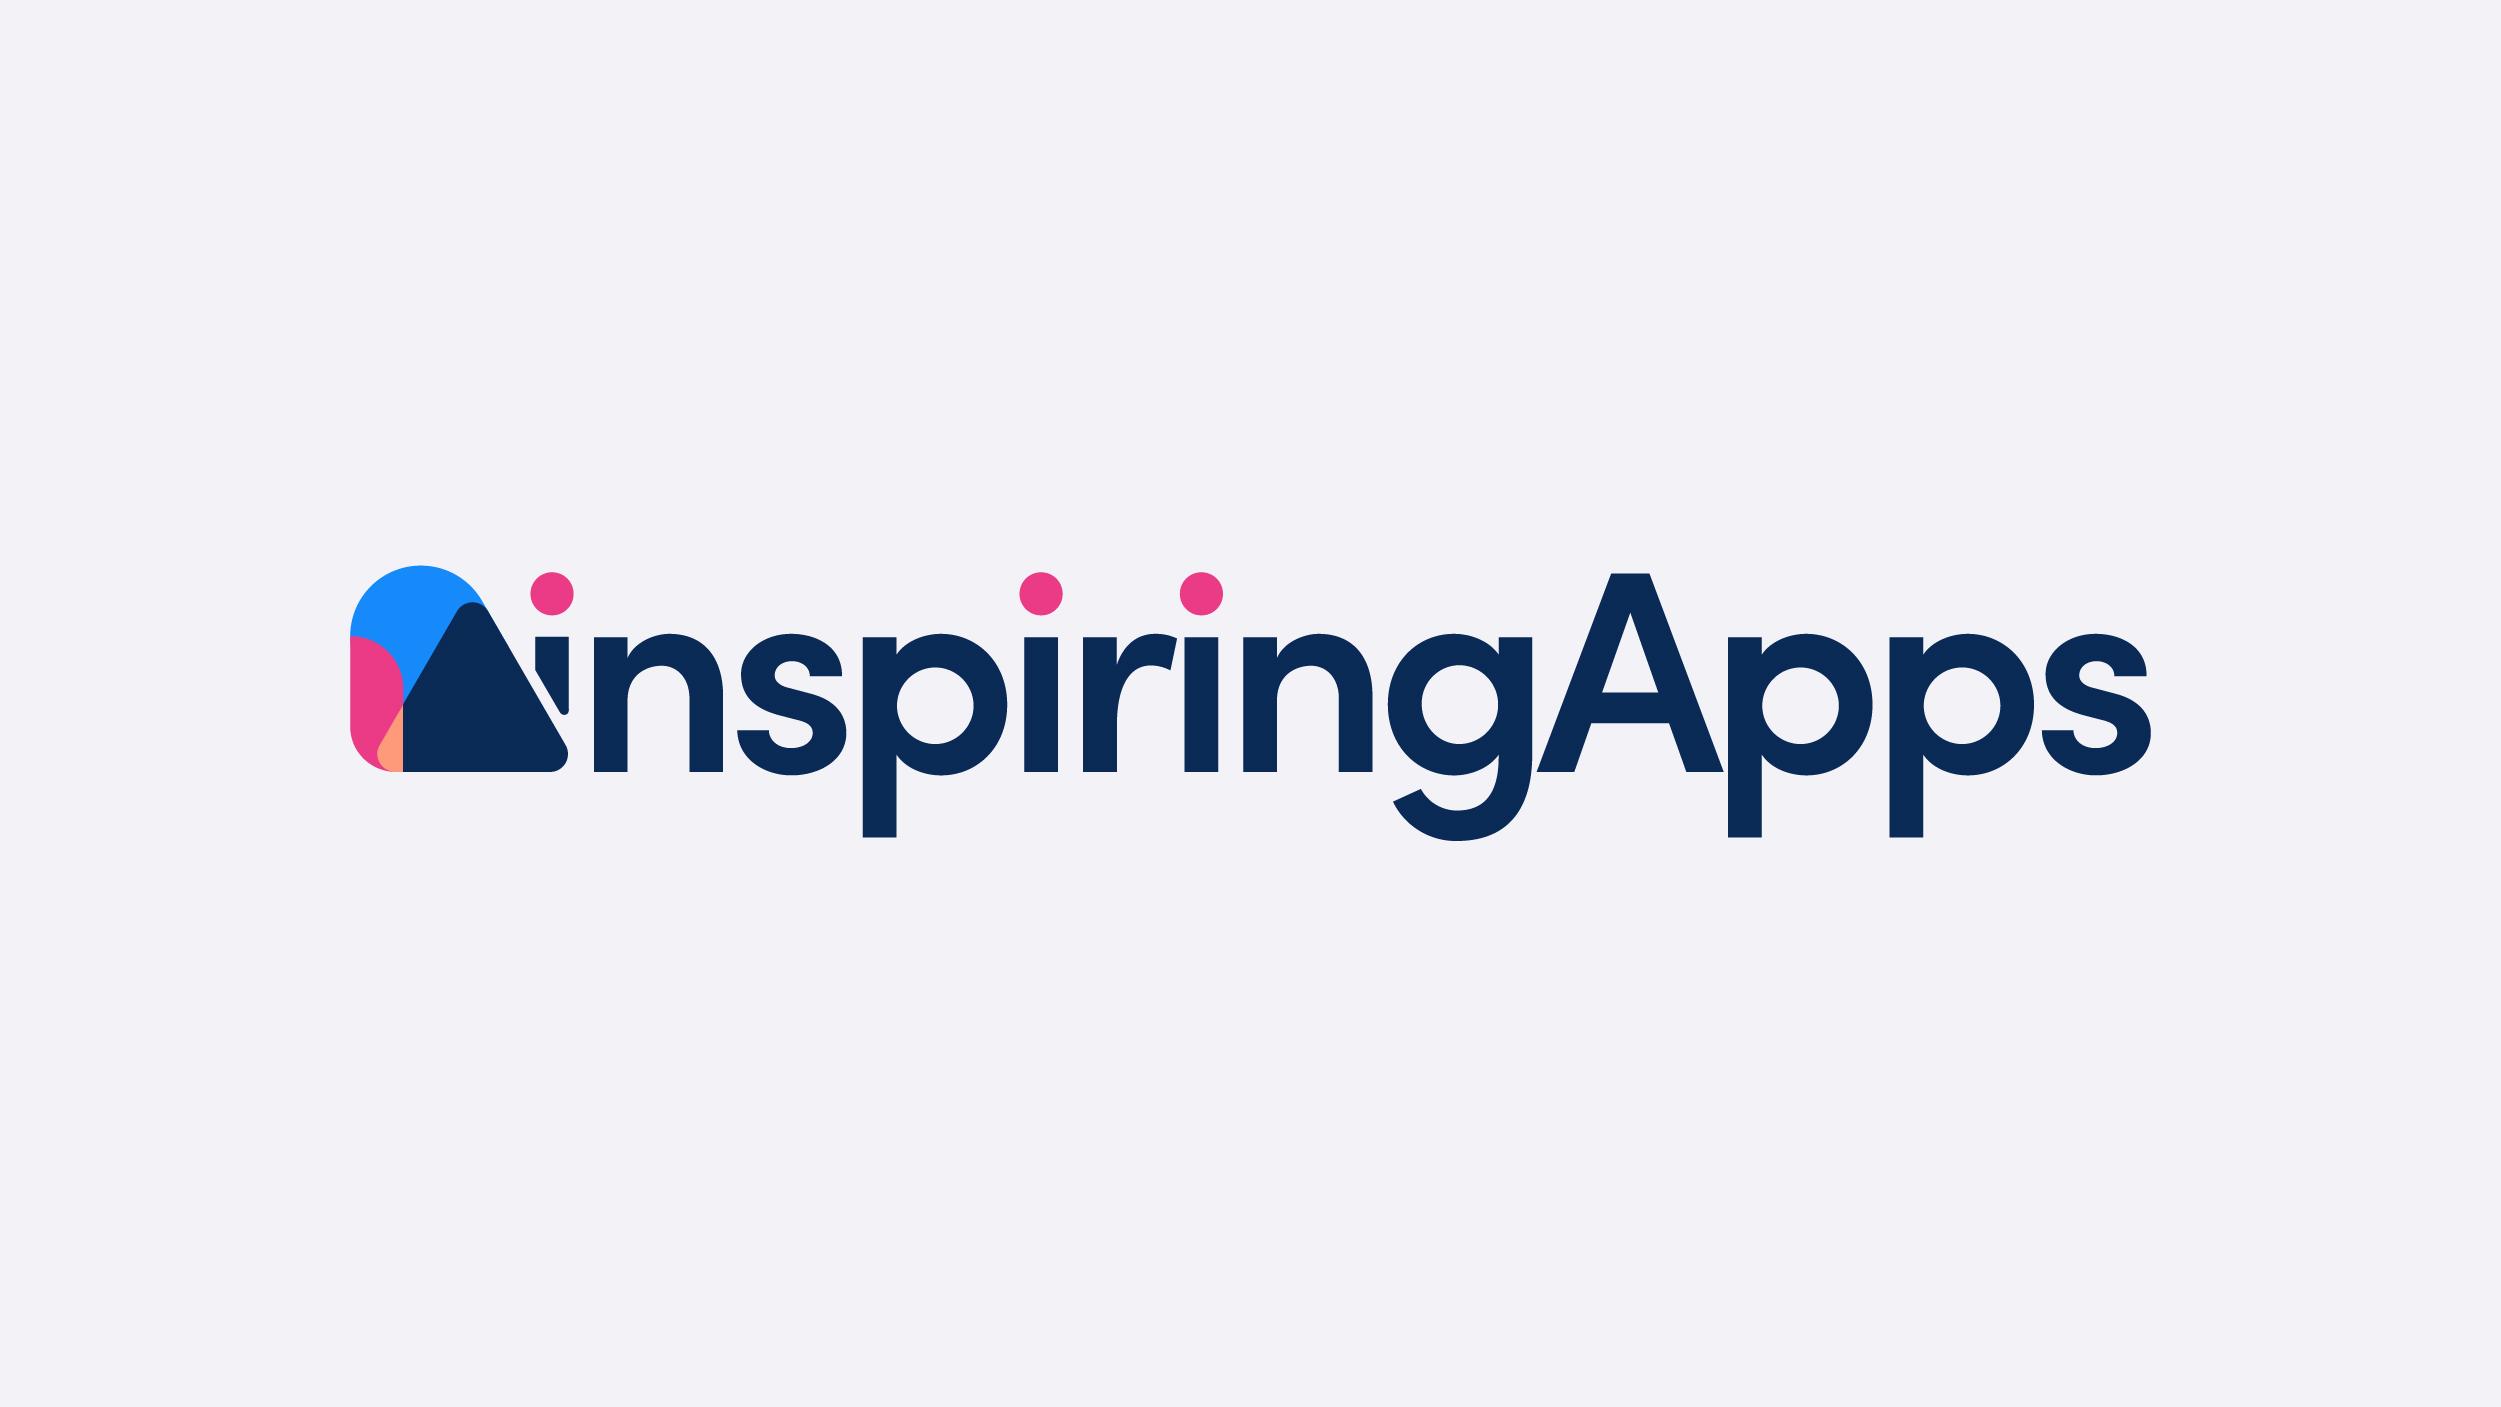 inspiring apps rebrand story